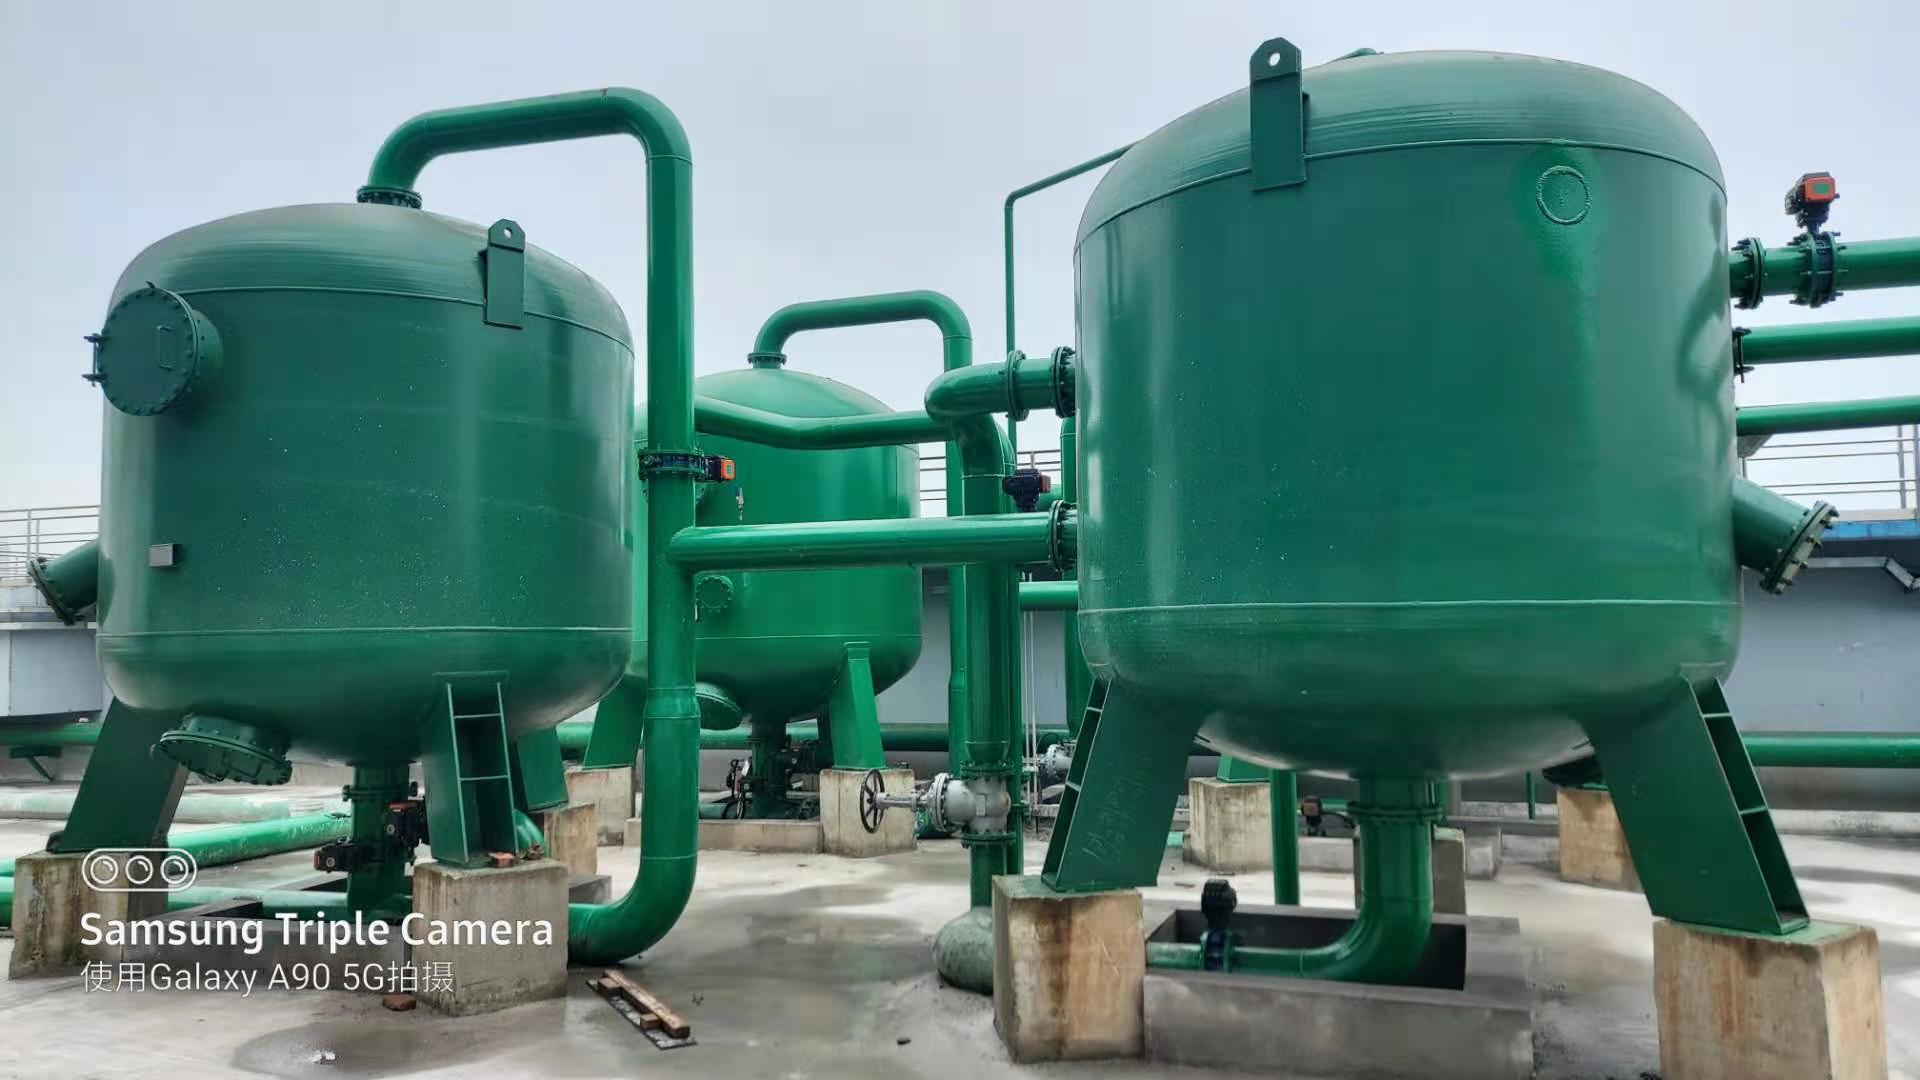 沂州科技有限公司雨水过滤系统处理